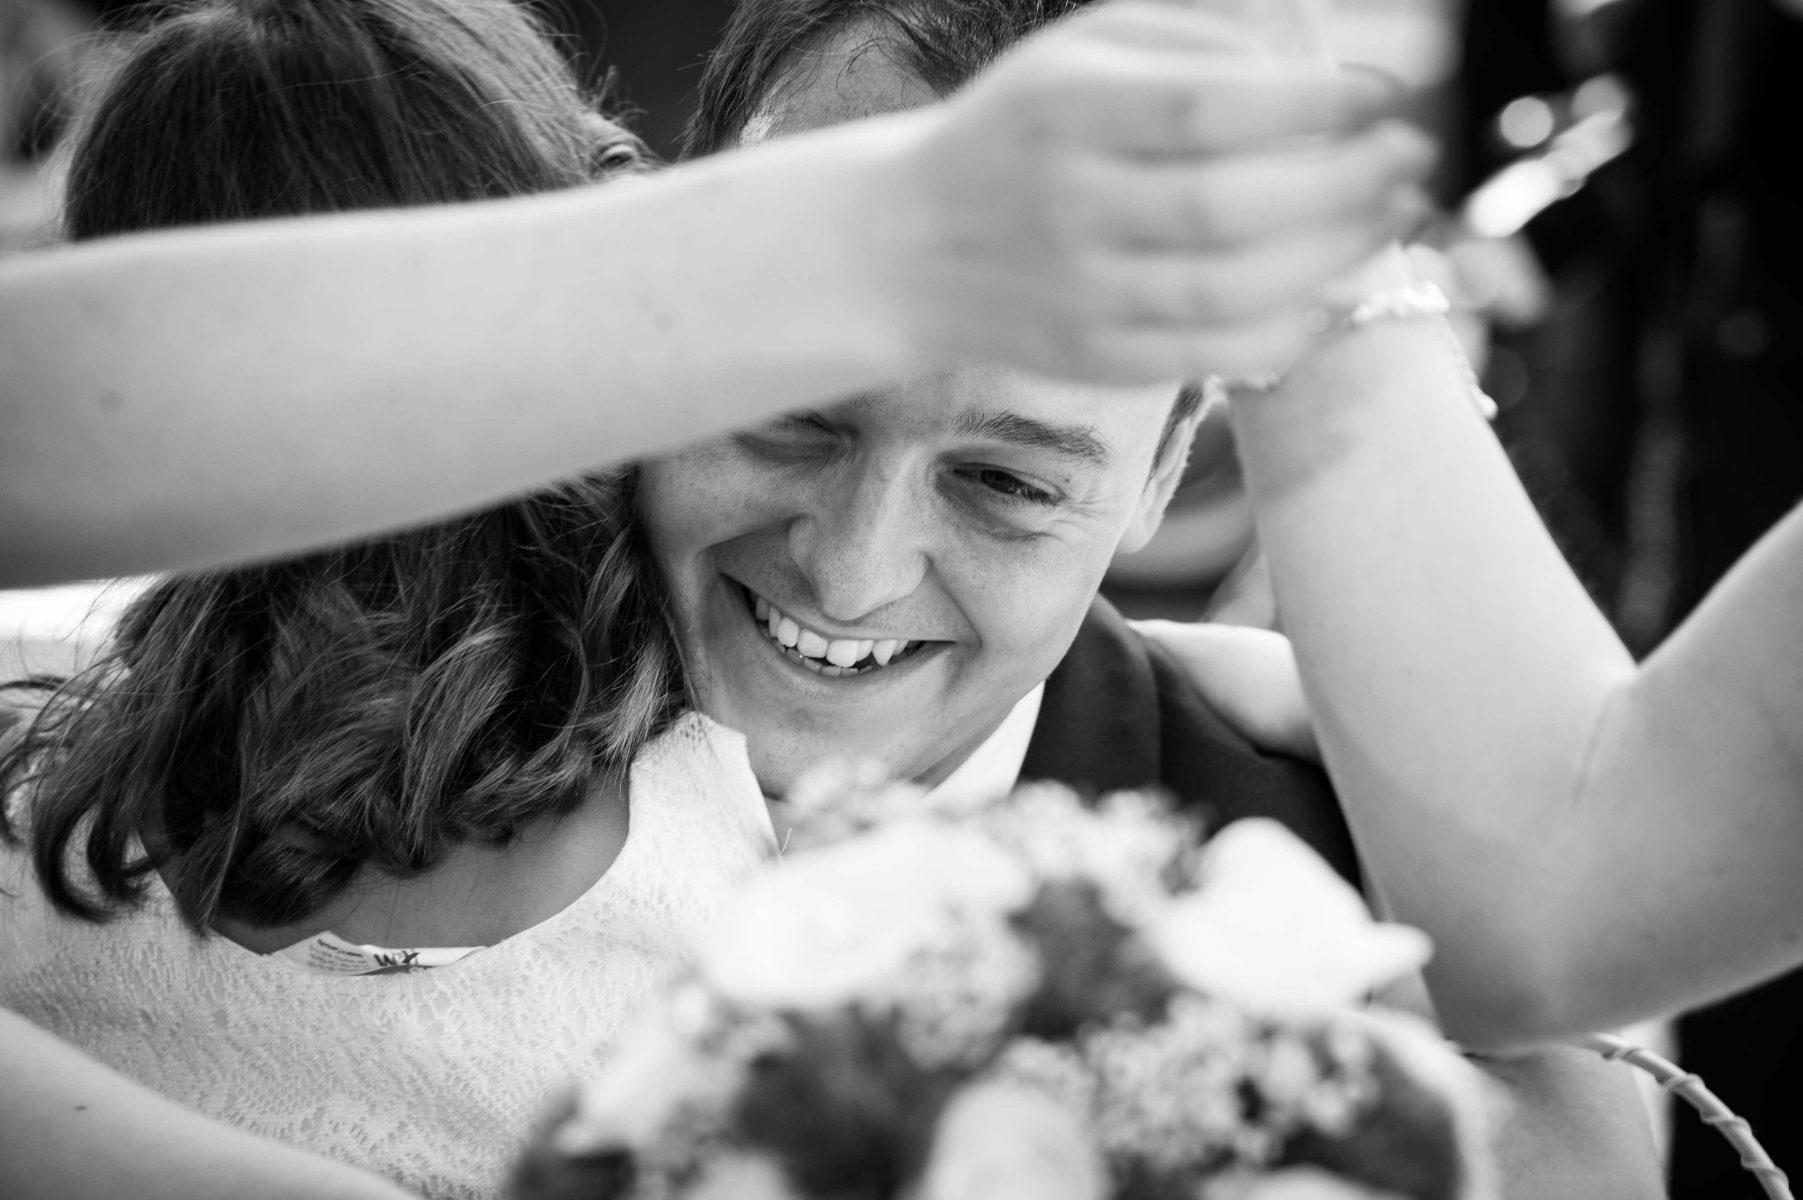 Hochzeit Gratulation B2000 2644 1803x1200 - GRATULATION & EMOTION